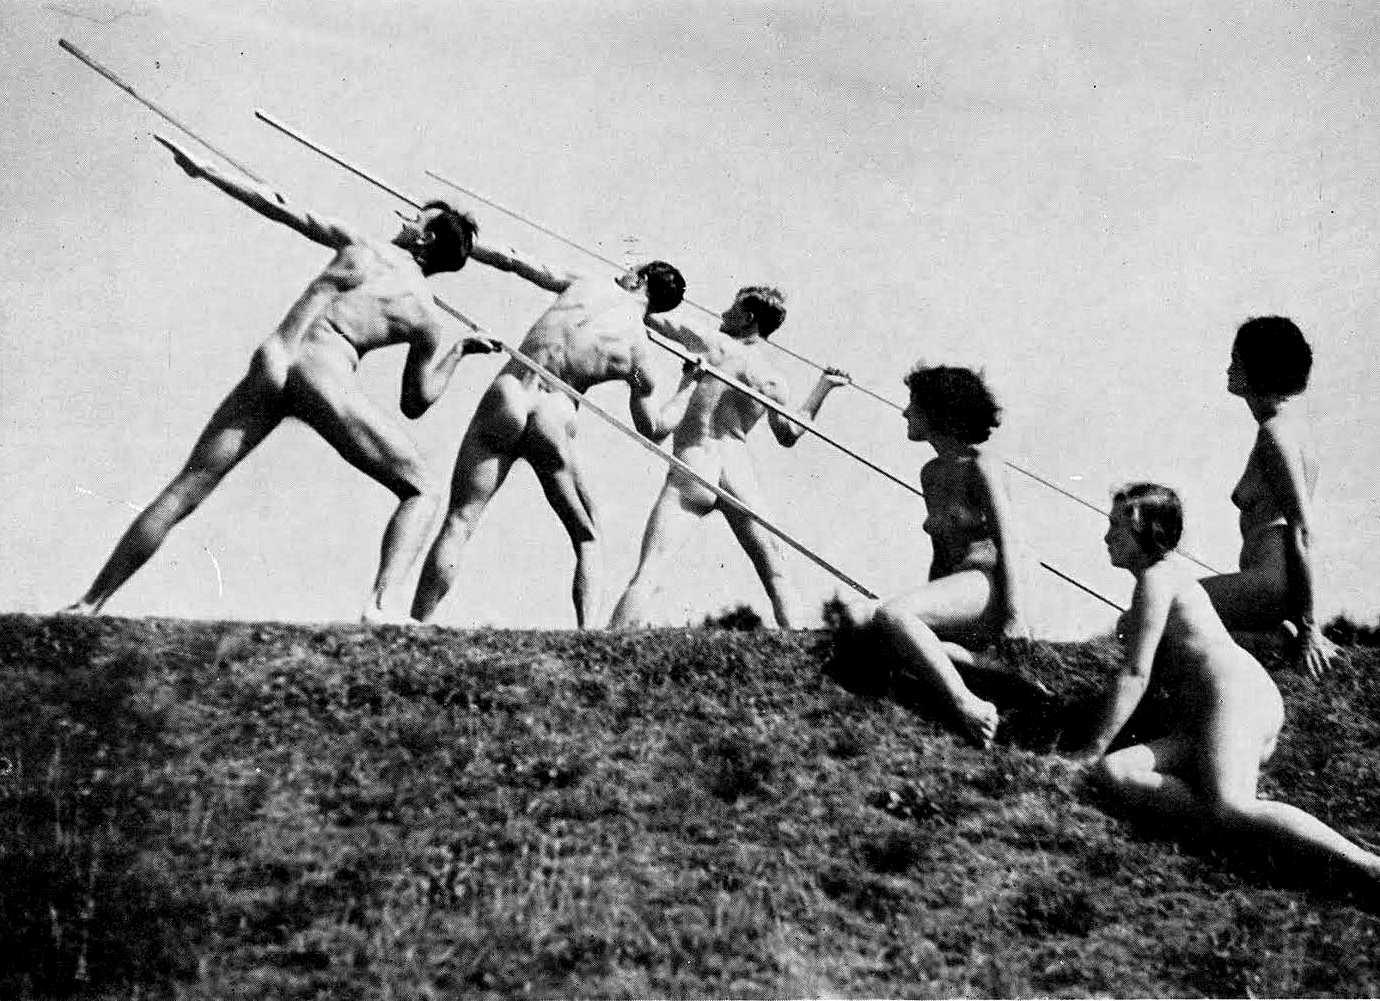 65e27-nude-naktkultur-fkk-javelinthrower-wiemarculture-deutschlandunddieostmark-thirdreich.jpg